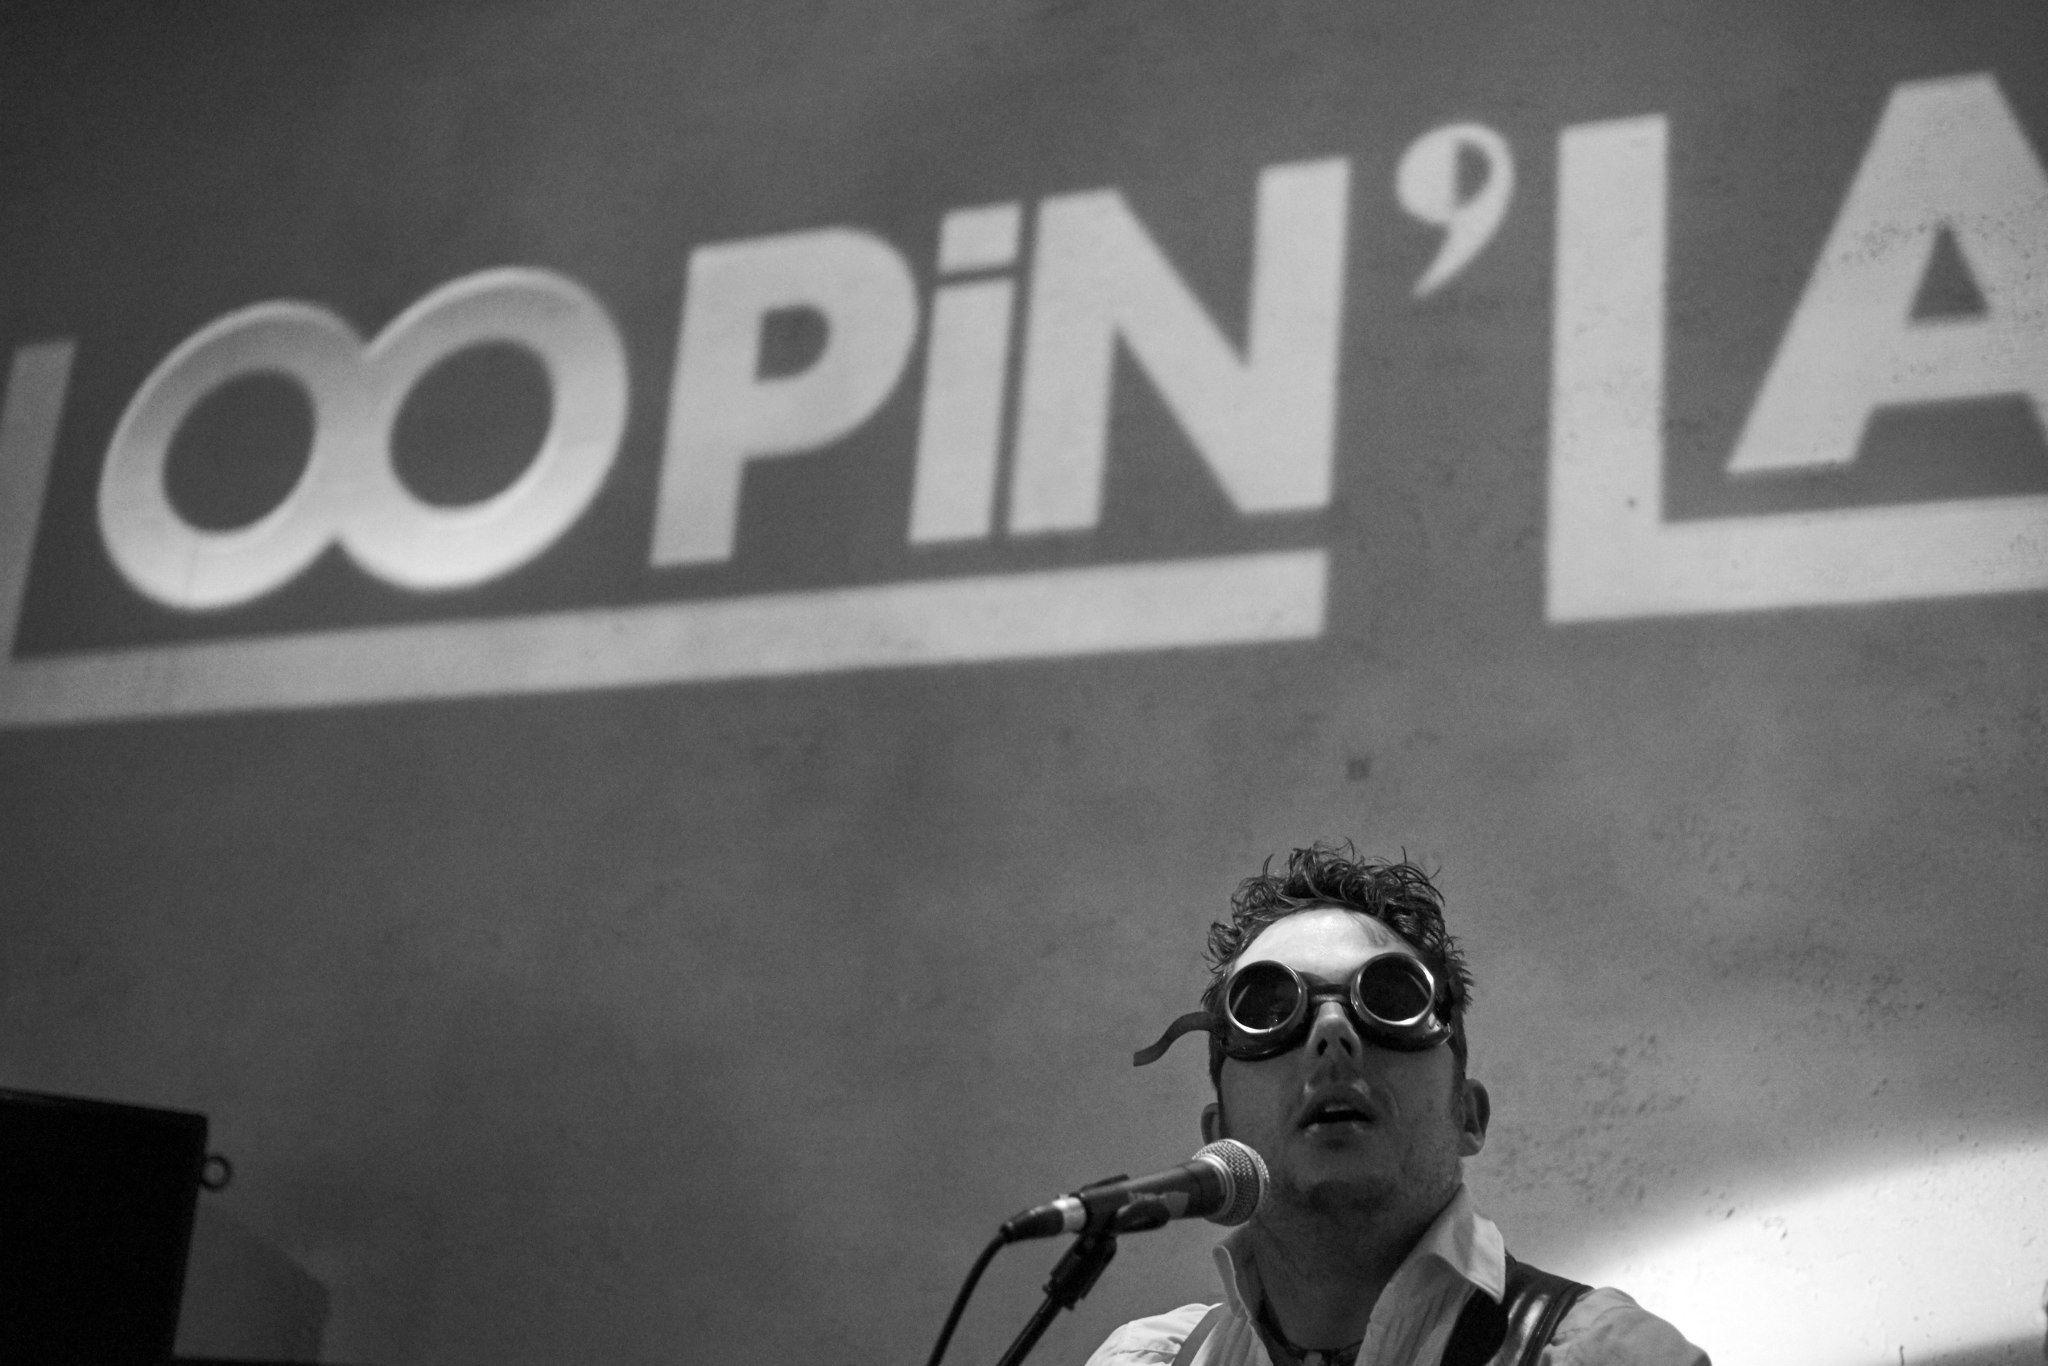 _oo_LoopinLab im Corleone (5).jpg